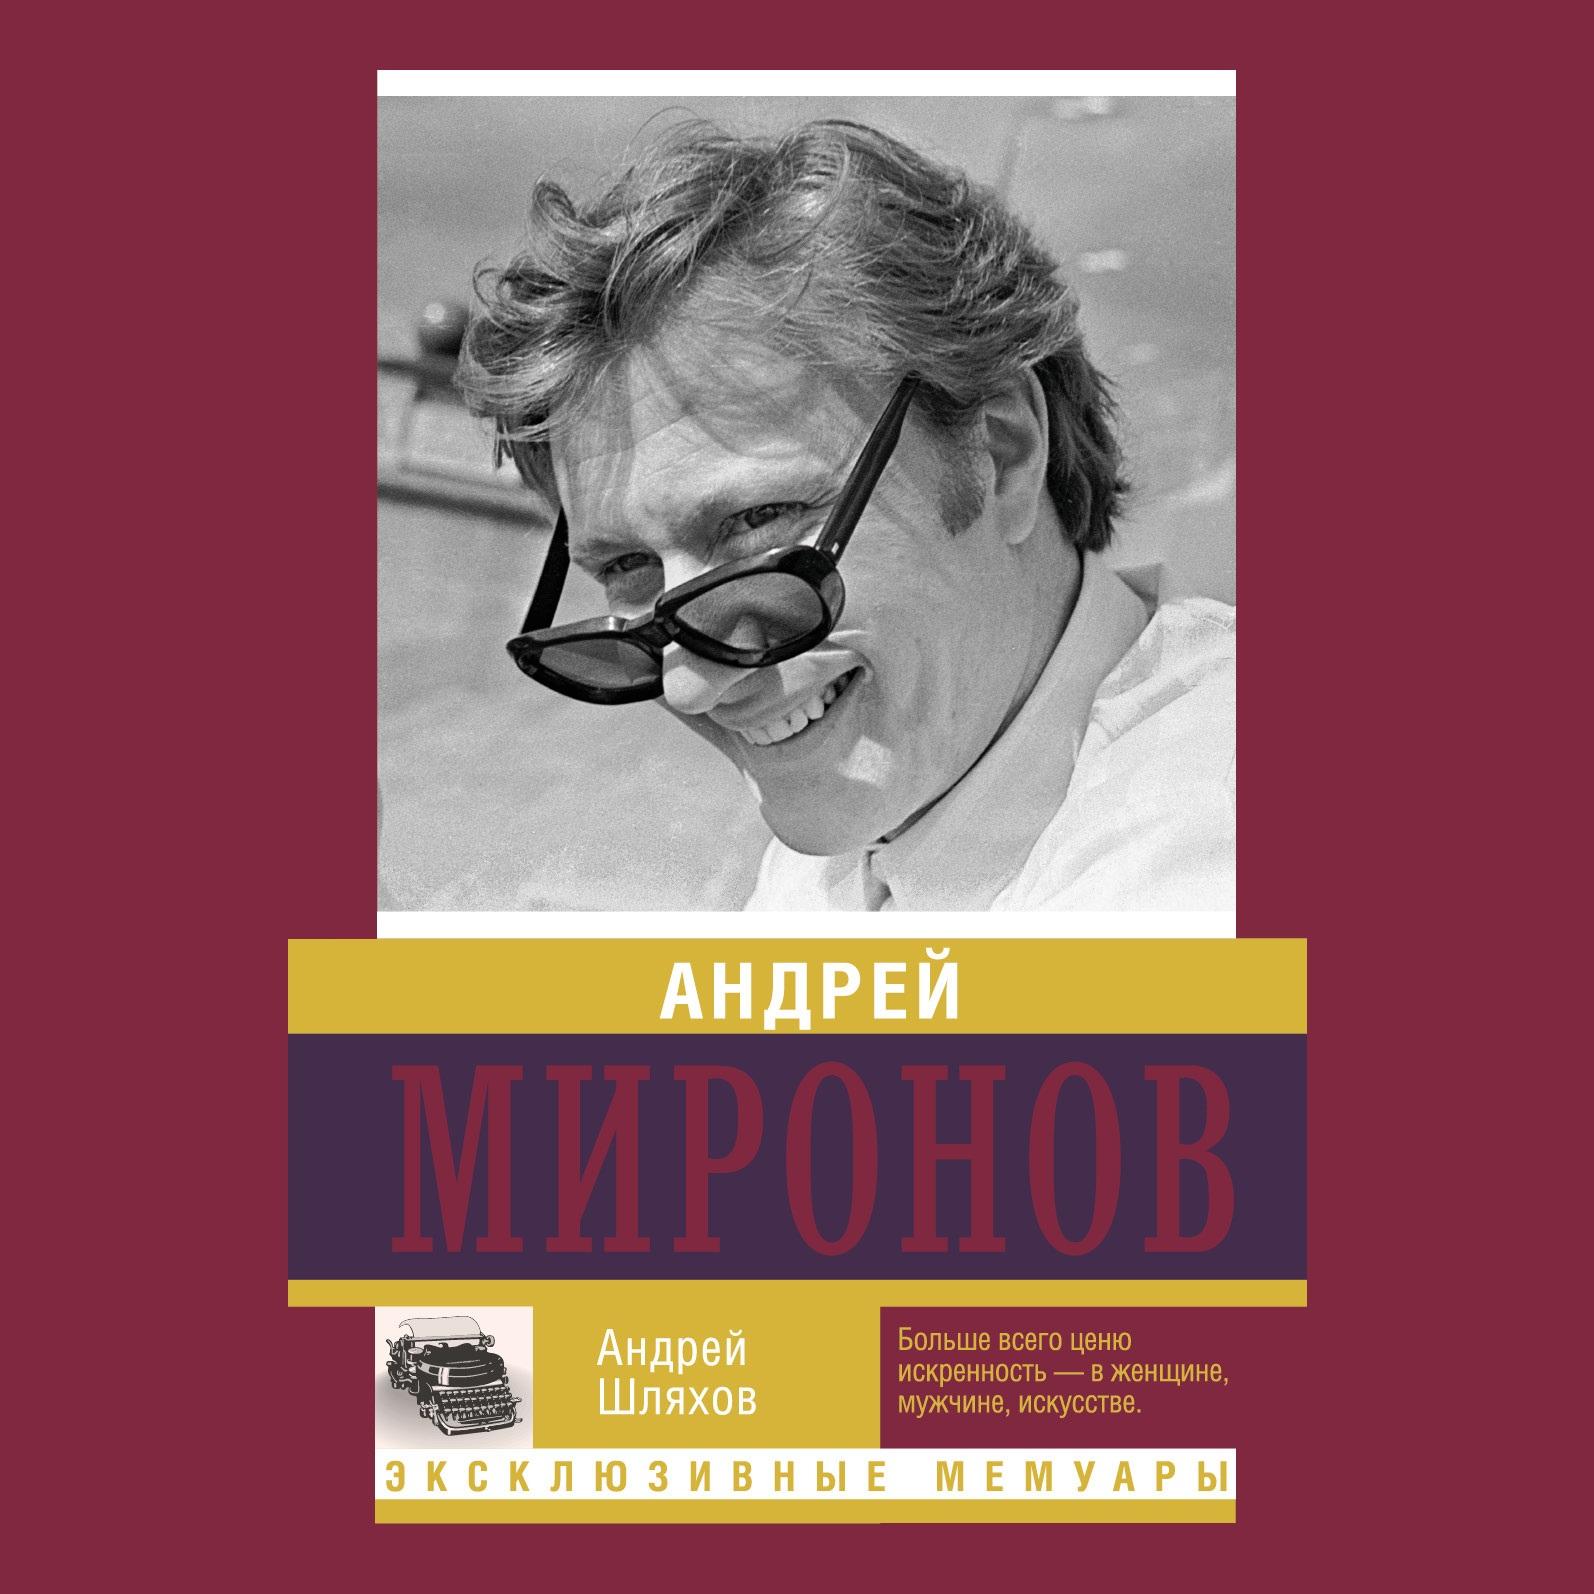 Андрей Шляхов Андрей Миронов андрей шляхов андрей миронов и его женщины …и мама